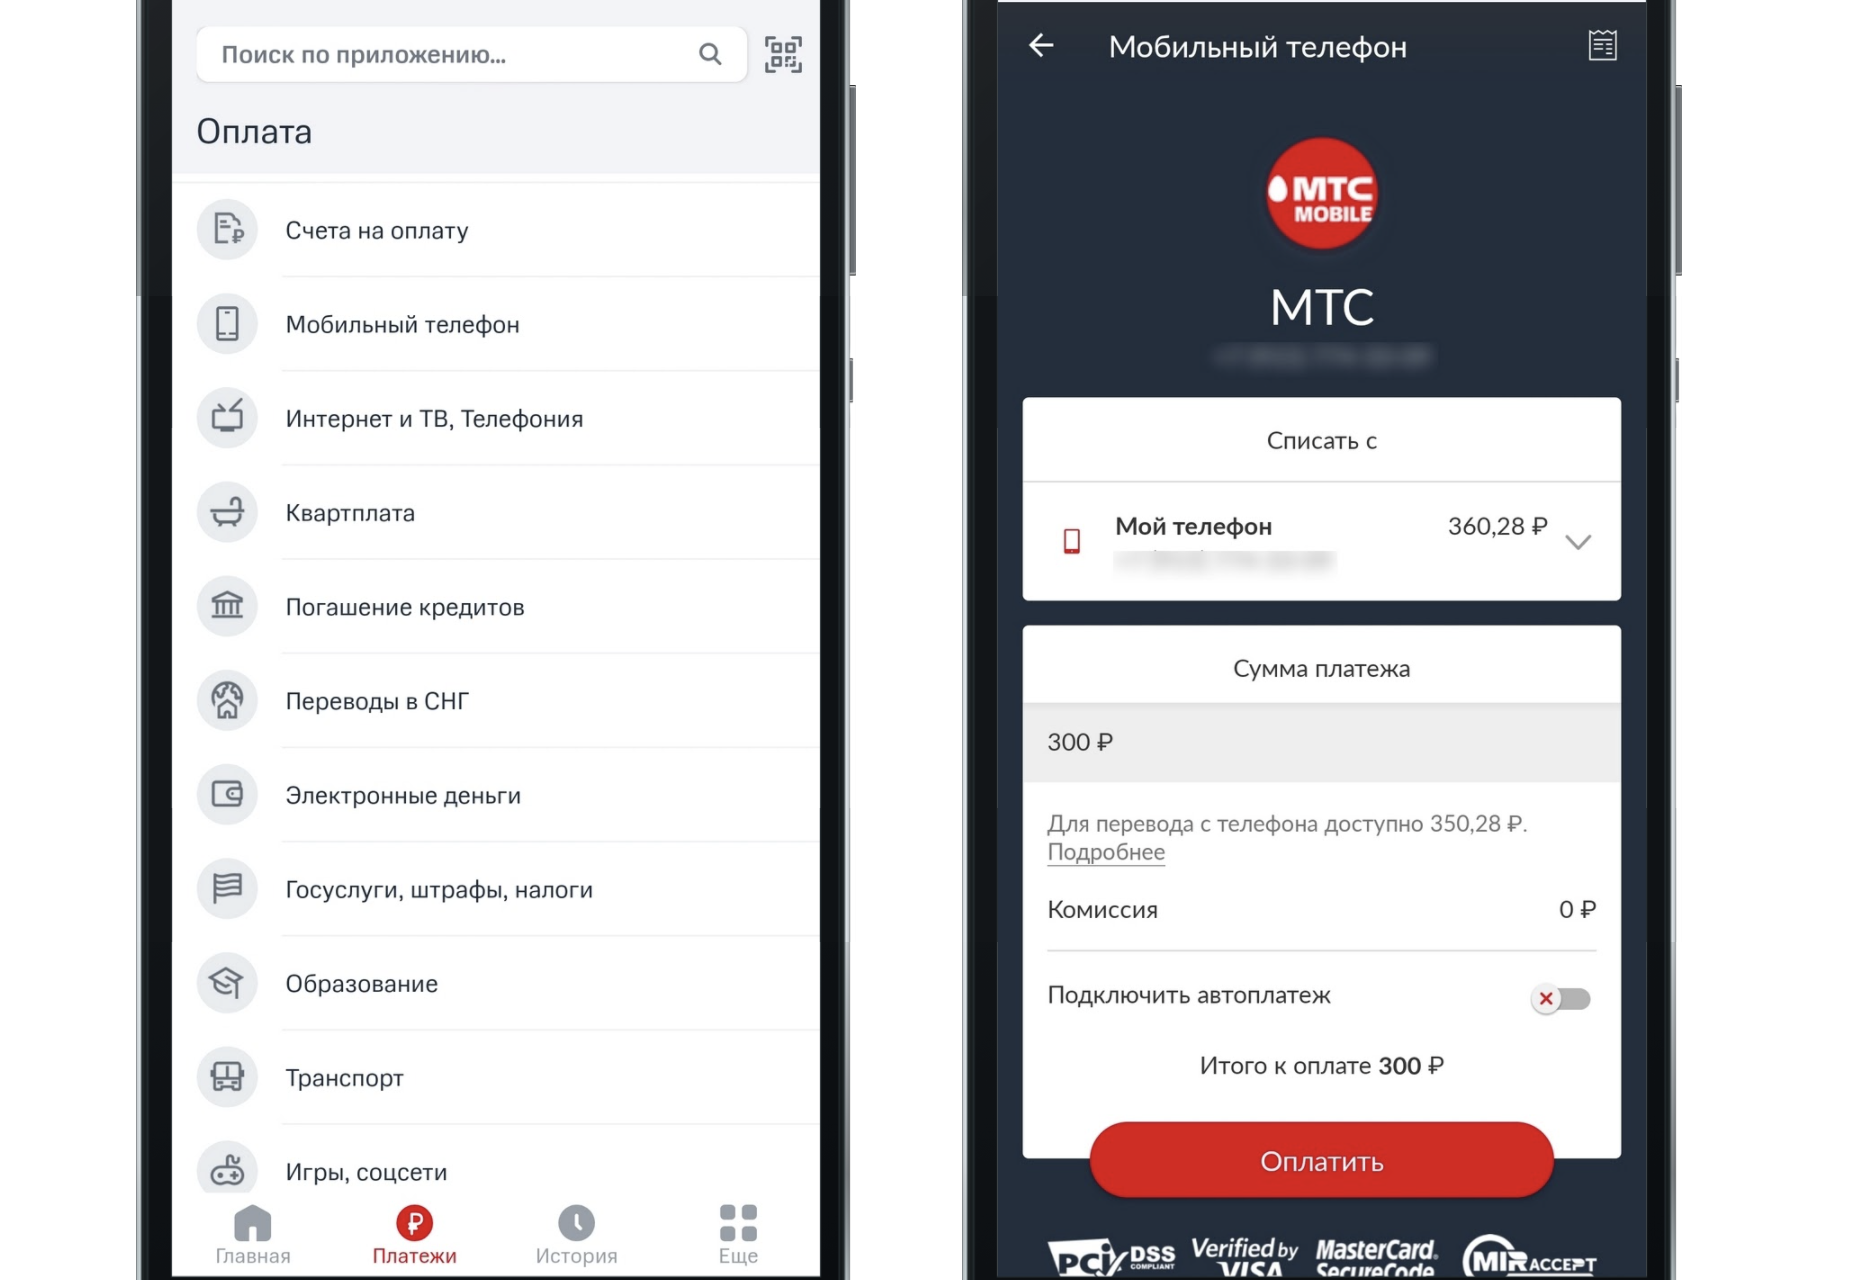 как вывести деньги с мтс без комиссии через мтс банк приложение